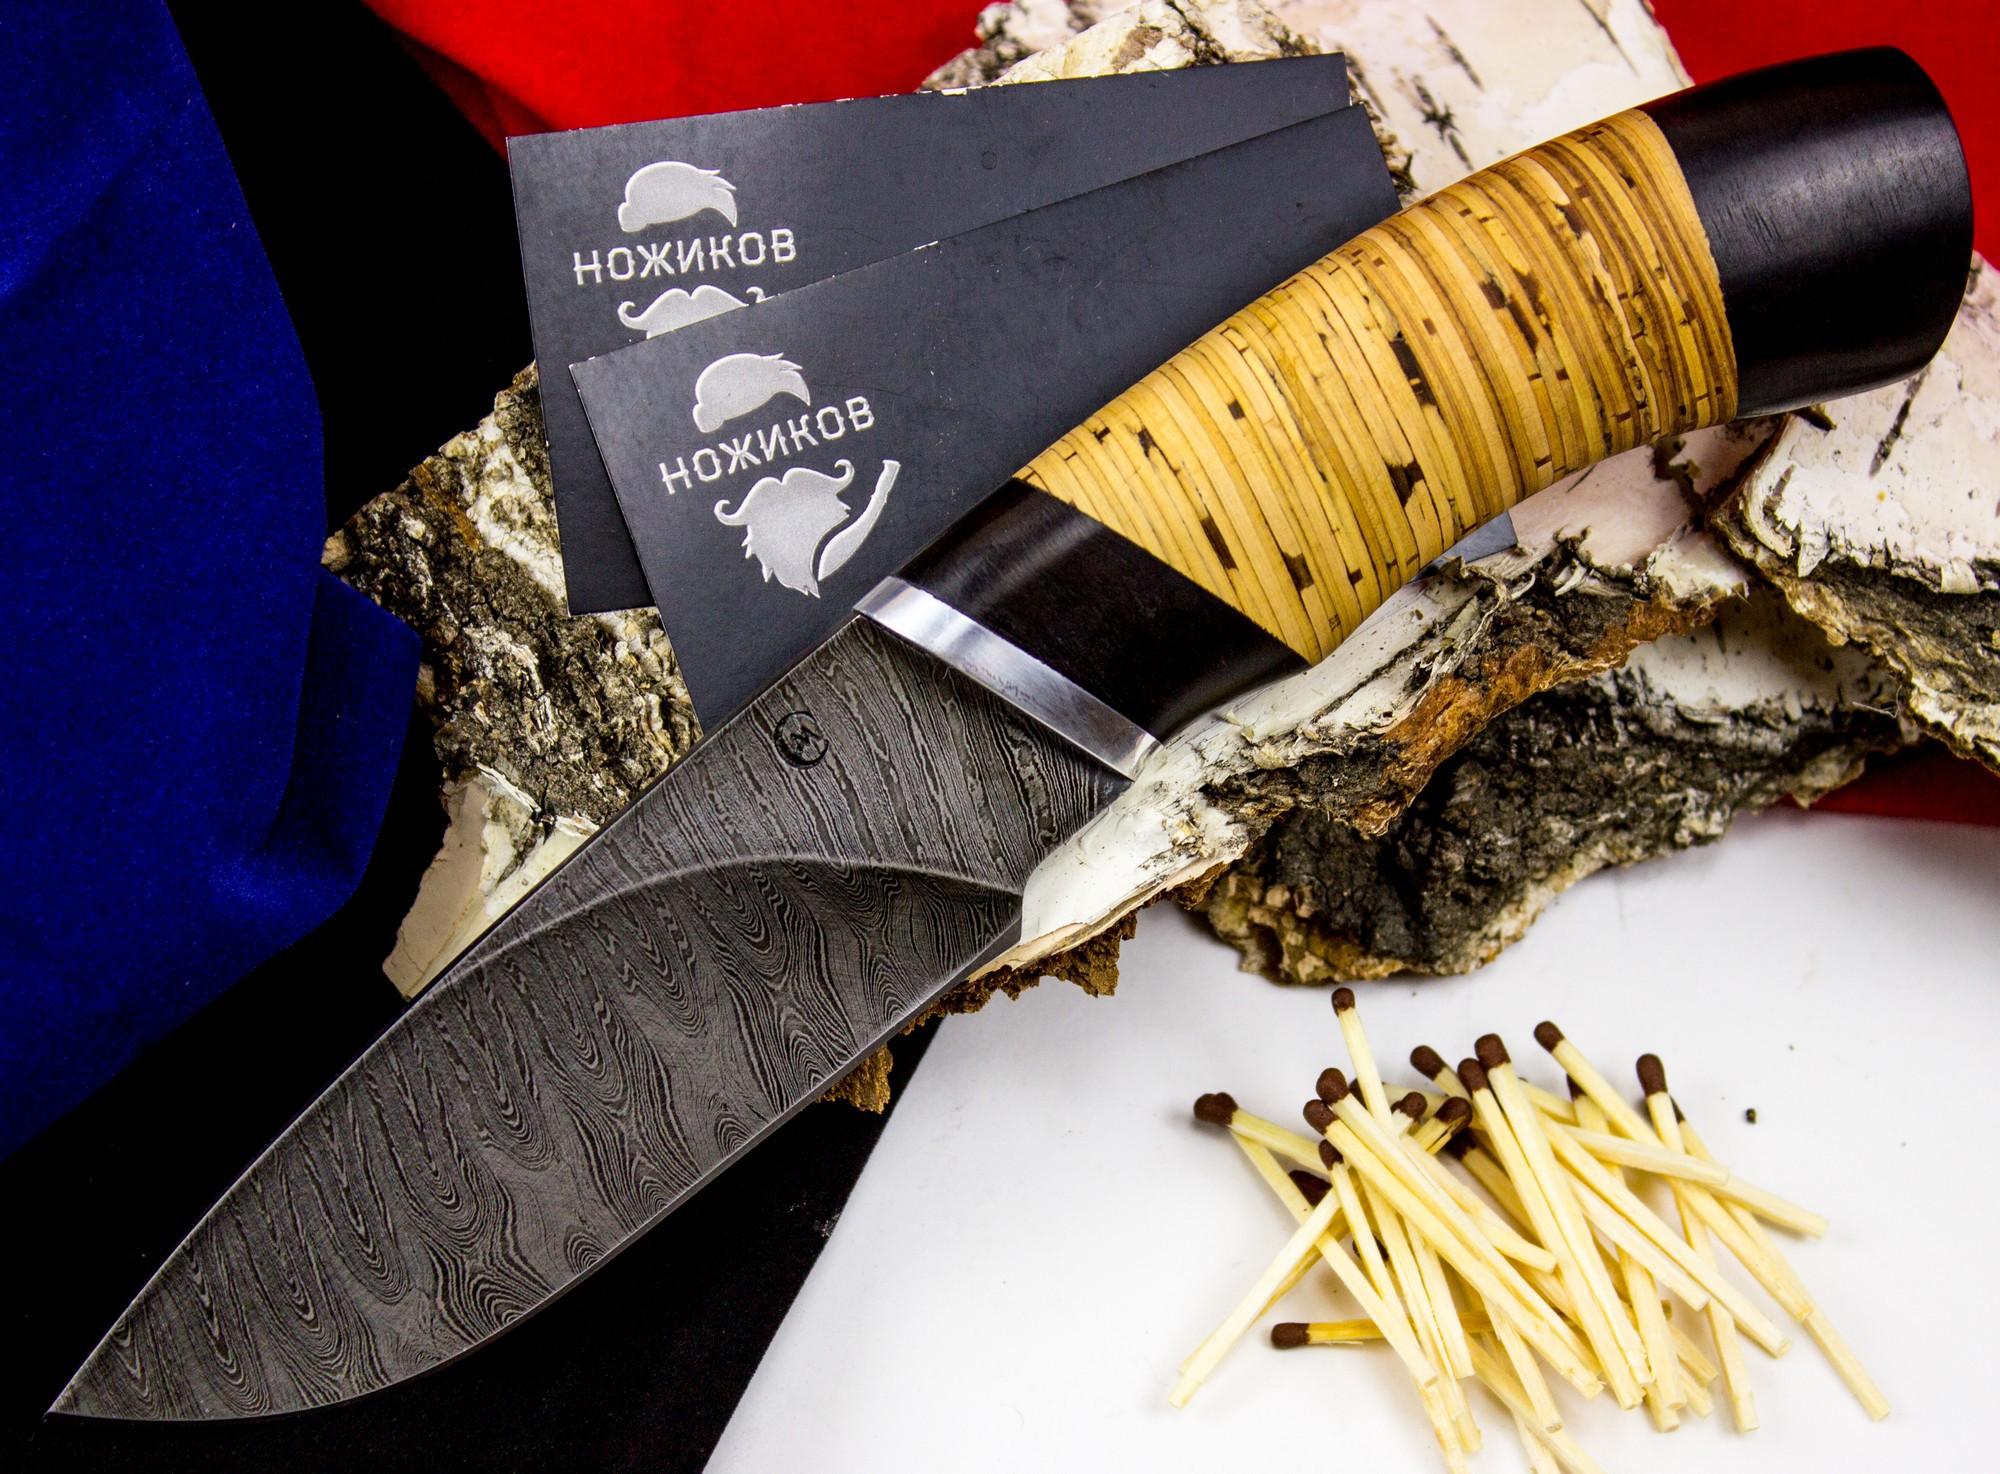 Нож Разделочный, дамасская стальНожи Ворсма<br>Для каждой разновидности ножа требуются определенные свойства, однако устойчивость режущей кромки к износу, или способность ножа долго «держать» заточку востребована всегда. Название ножа «Разделочный» красноречиво говорит о том, где он будет использоваться - для разделки туш и мяса. Материал лезвия - дамасская сталь, которая придает данному ножу требуемые для такой работы характеристики: прочность и остроту кованого лезвия и стойкость к образованию сколов. Конструкция ножа «Разделочный» такова, что он не является холодным оружием. Рукоять ножа изготовлена из бересты, скошенная гарда и тыльник - из черного дерева.<br>